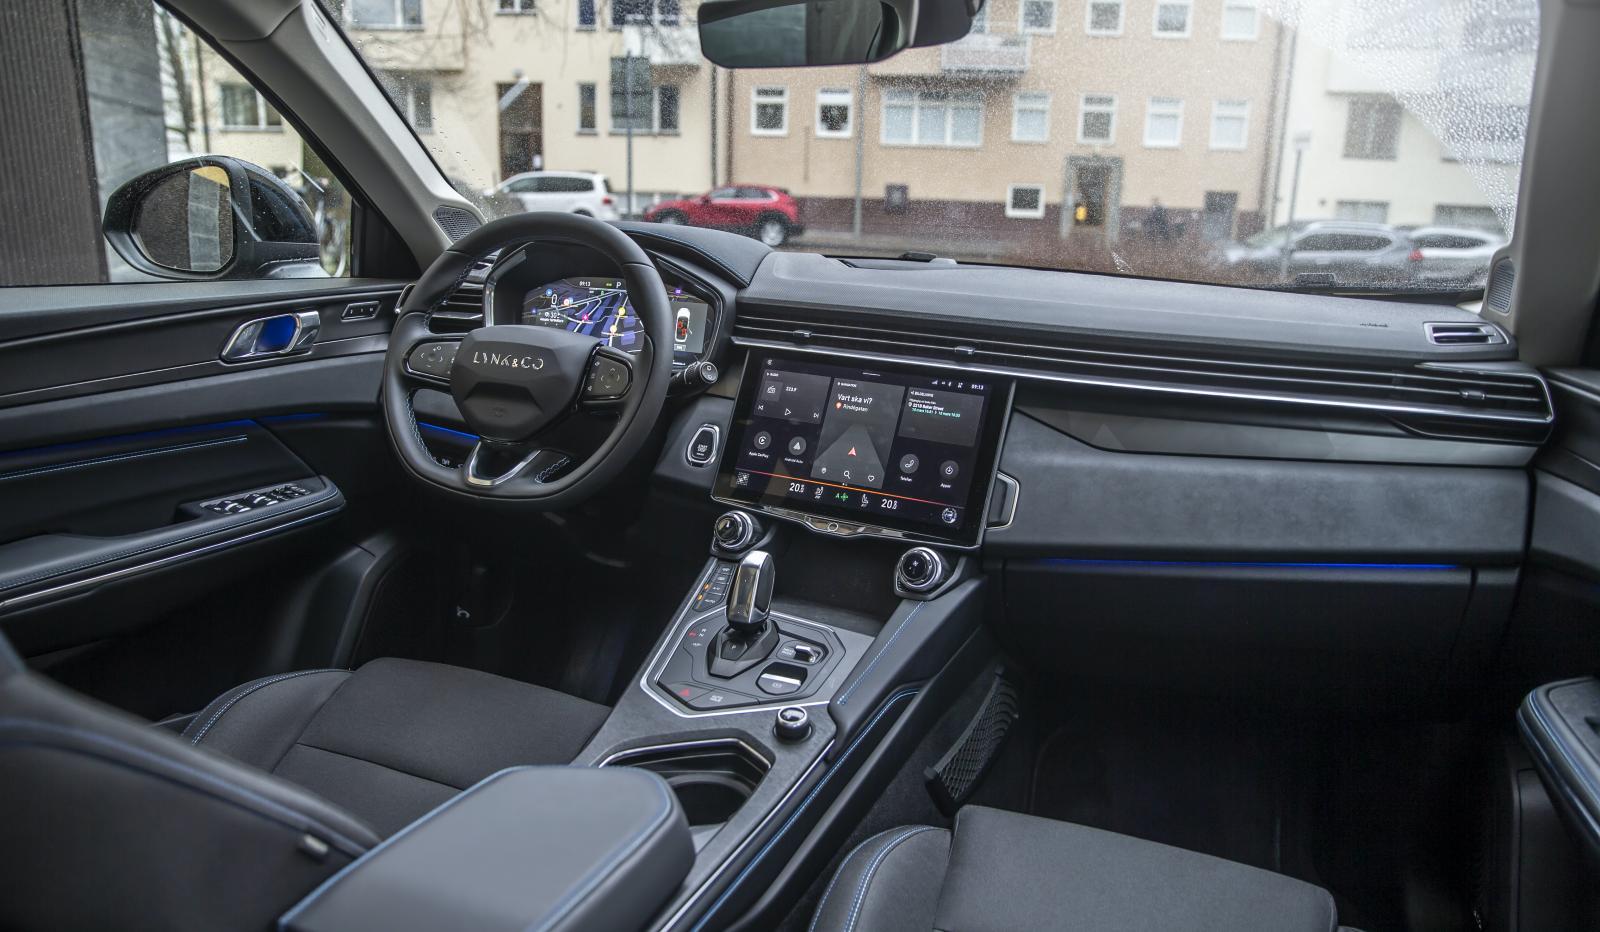 Ratten och flera andra detaljer känns igen från Volvo men helheten har en egen stil. Fysiska reglage kompletterar pekskärmen.